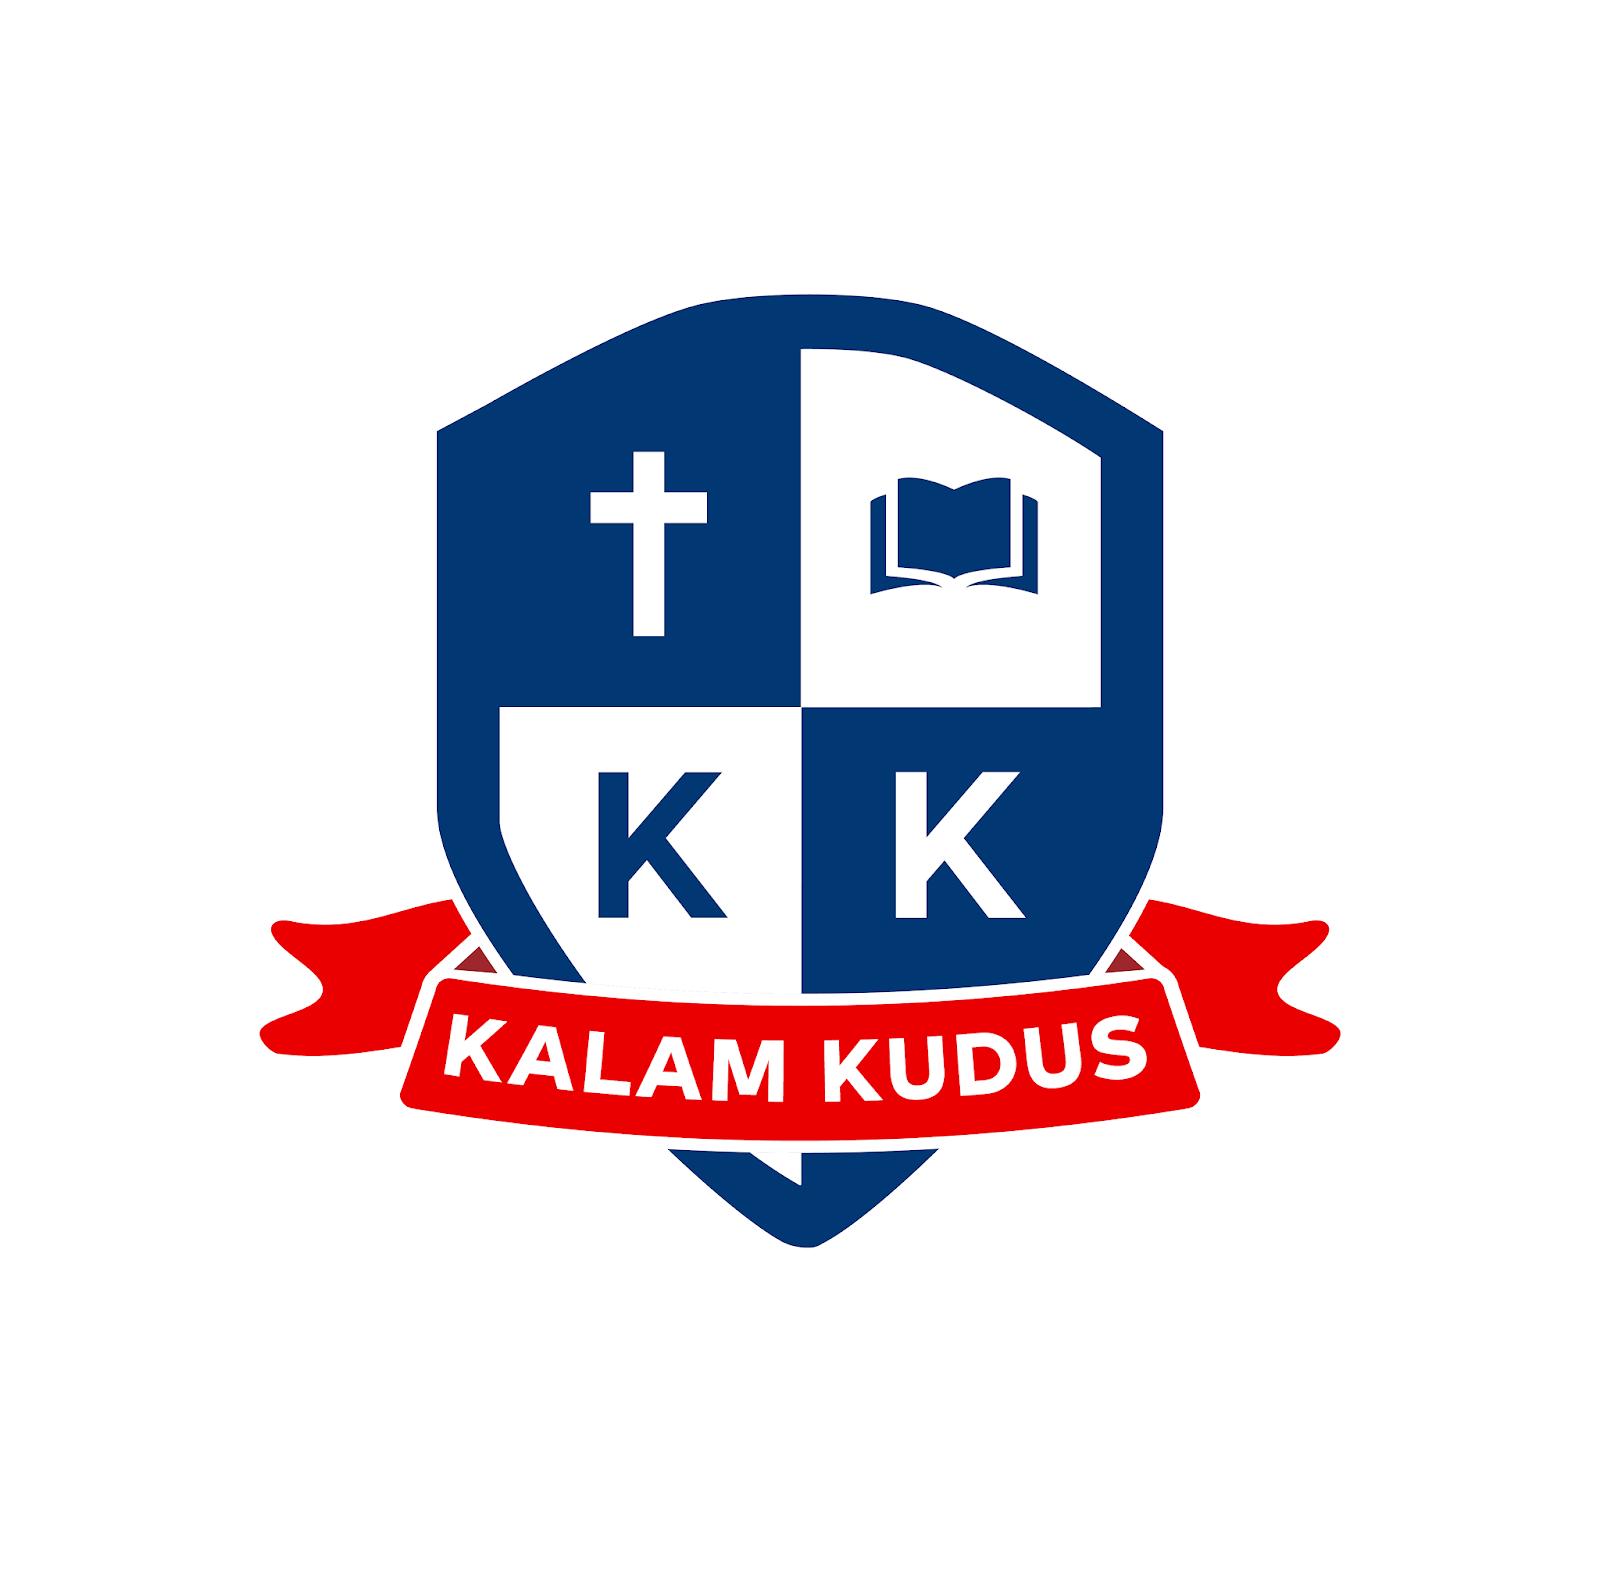 Sekolah Kristen Terbaik | Linktree